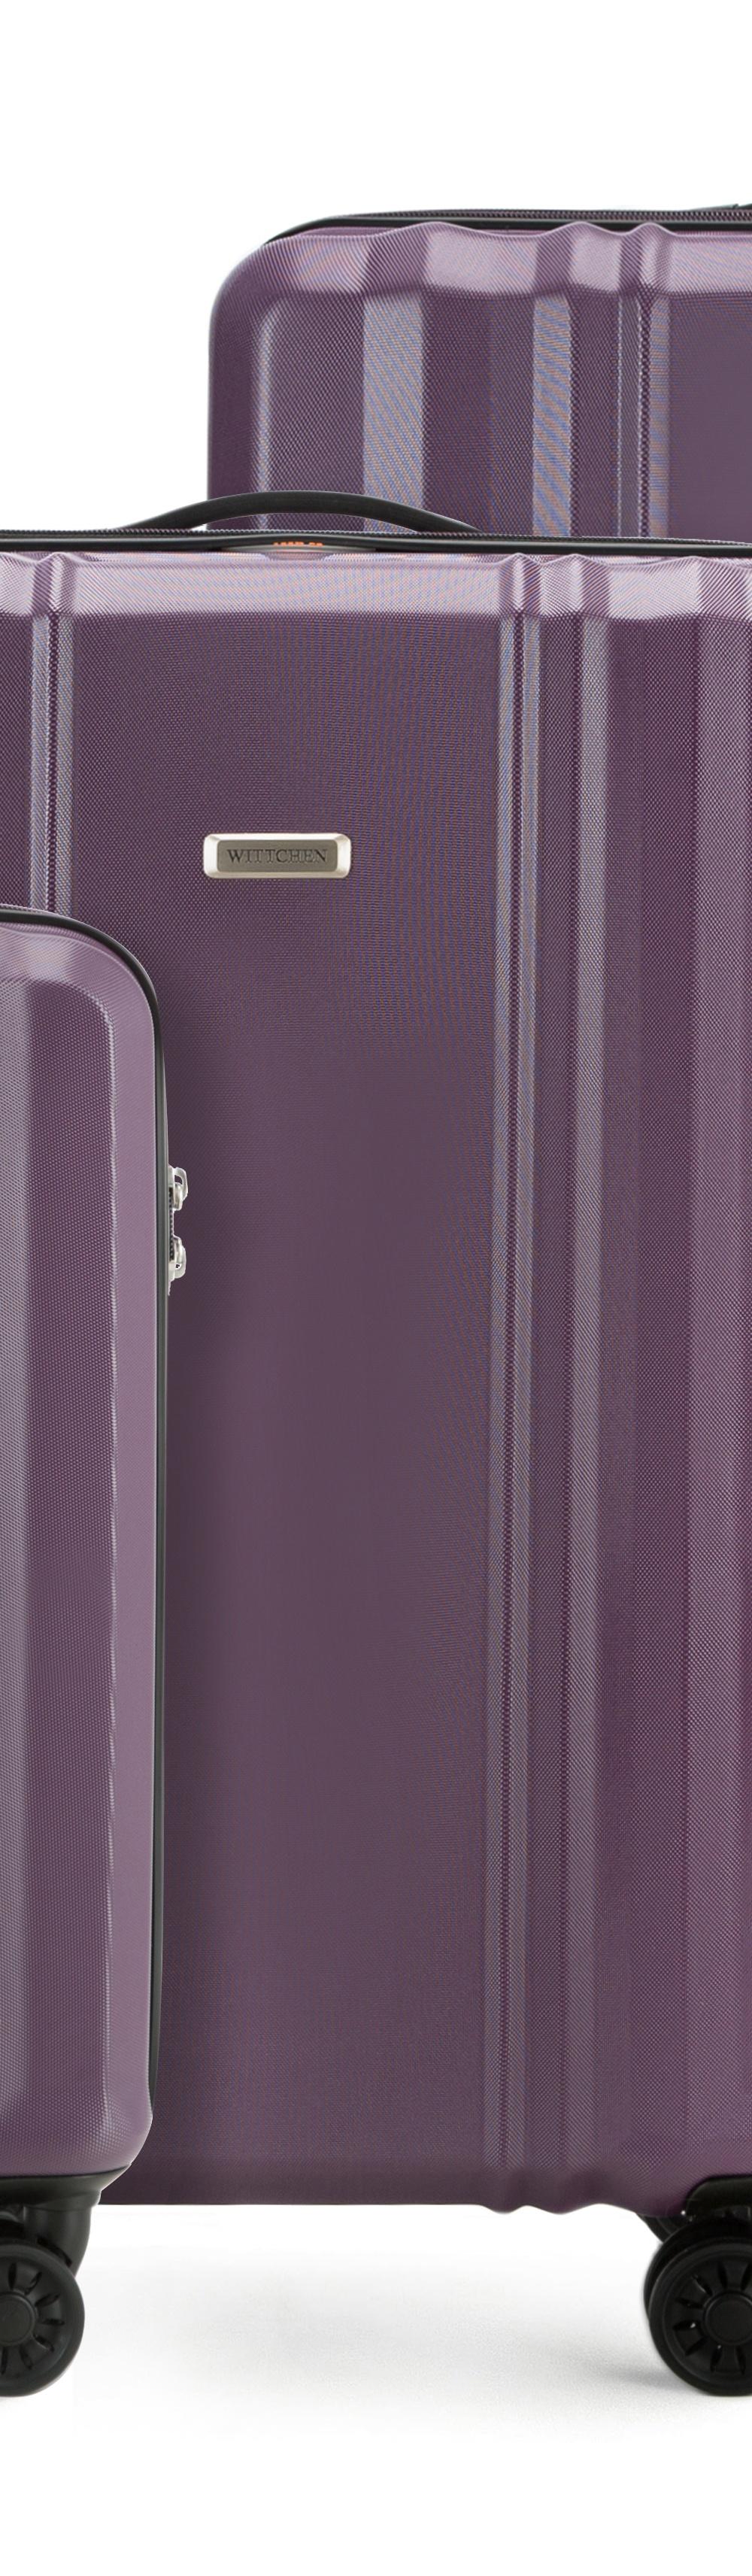 Комплект чемодановКомплект чемоданов из коллекции BB-Line, сделан из прочного   материала - поликарбонат. Оснащен четырьмя колесами с подшипниками,   телескопической ручкой, двумя эластичными, резиновыми ручками для   ношения в руке и замоком TSA,который очень удобен  в случае проверки   багажа таможенной службой.&#13;<br>&#13;<br>Внутри : &#13;<br>- отделение с эластичными  ремнями, предохраняющими одежду от перемещения;  &#13;<br>- отделение на молнии;   &#13;<br>- карман на молнии.&#13;<br>&#13;<br>В комплект входит:&#13;<br>- маленький чемодан 56-3P-931;&#13;<br>- средний чемодан 56-3P-932 ;&#13;<br>- большой чемодан 56-3P-933.<br><br>секс: унисекс<br>Цвет: фиолетовый<br>подкладка:: poliester<br>высота (см):: 55 - 66 - 75<br>ширина (см):: 36 - 44 - 52<br>глубина (см):: 20 - 27 - 32<br>размер:: zestaw<br>объем (л):: 31 - 61 - 102<br>вес (кг):: 2,2 - 3,3 - 4,1